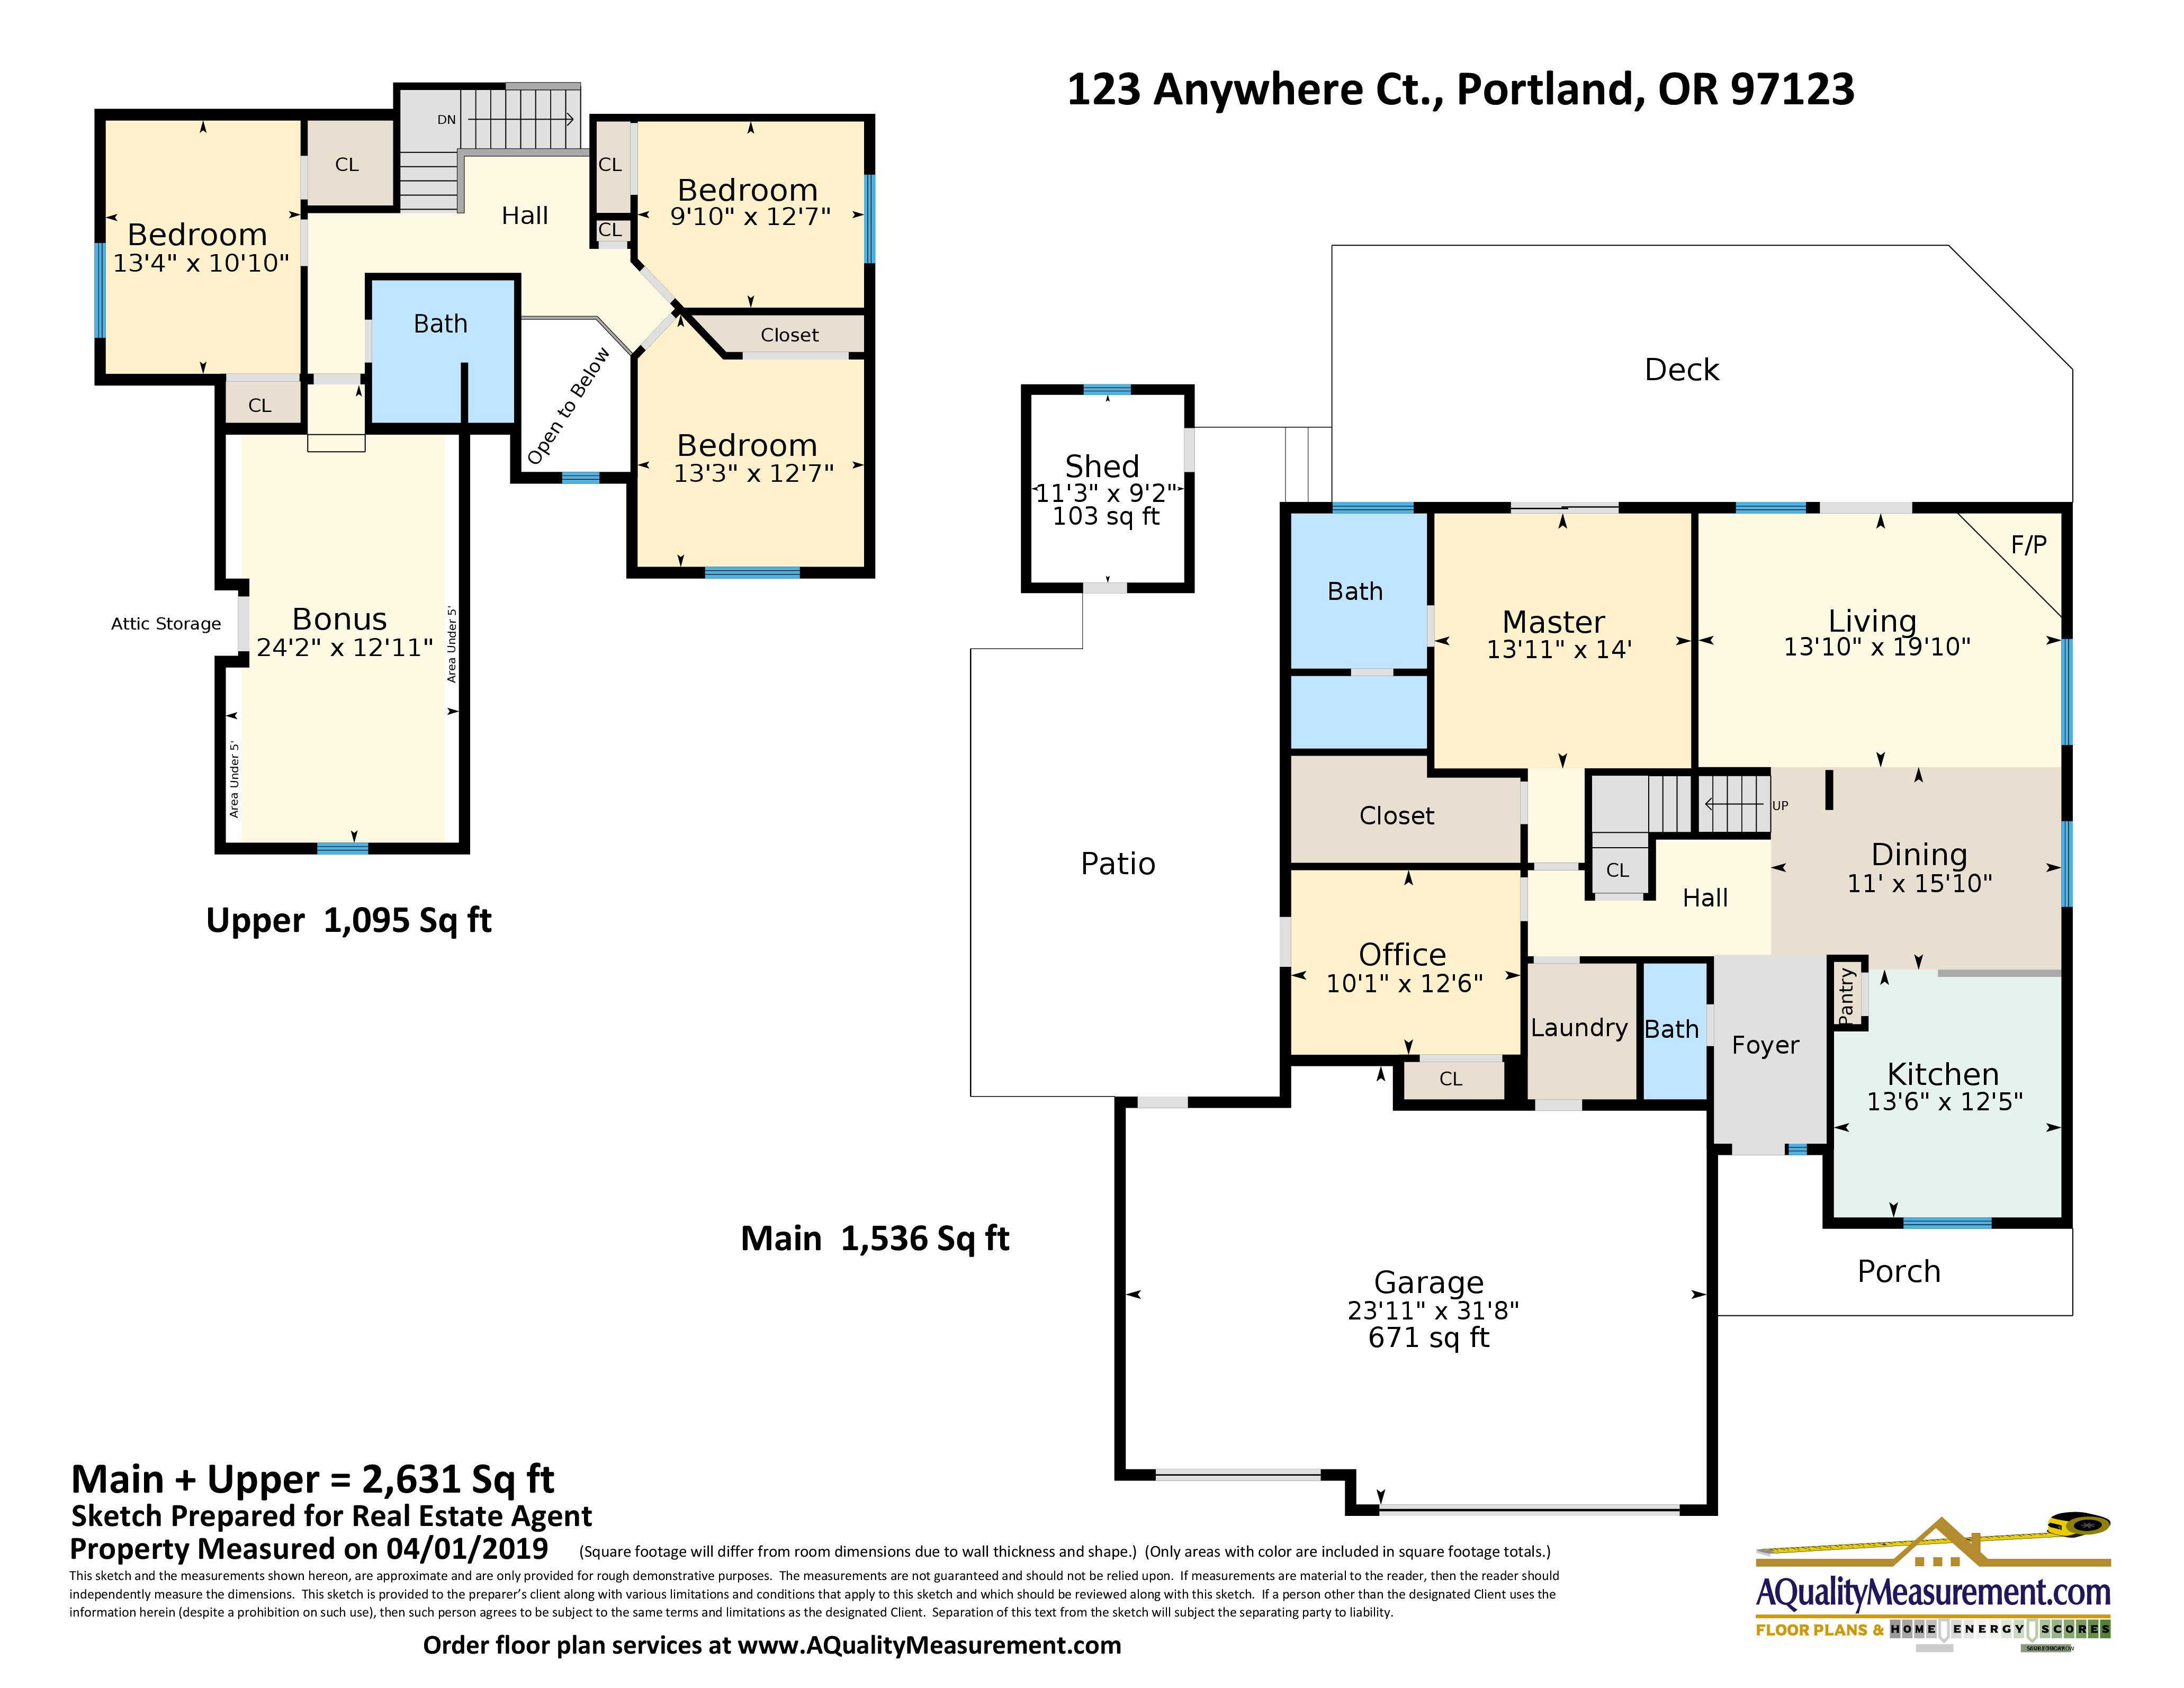 Portland Home Energy Scores Floor Plans A Quality Measurement